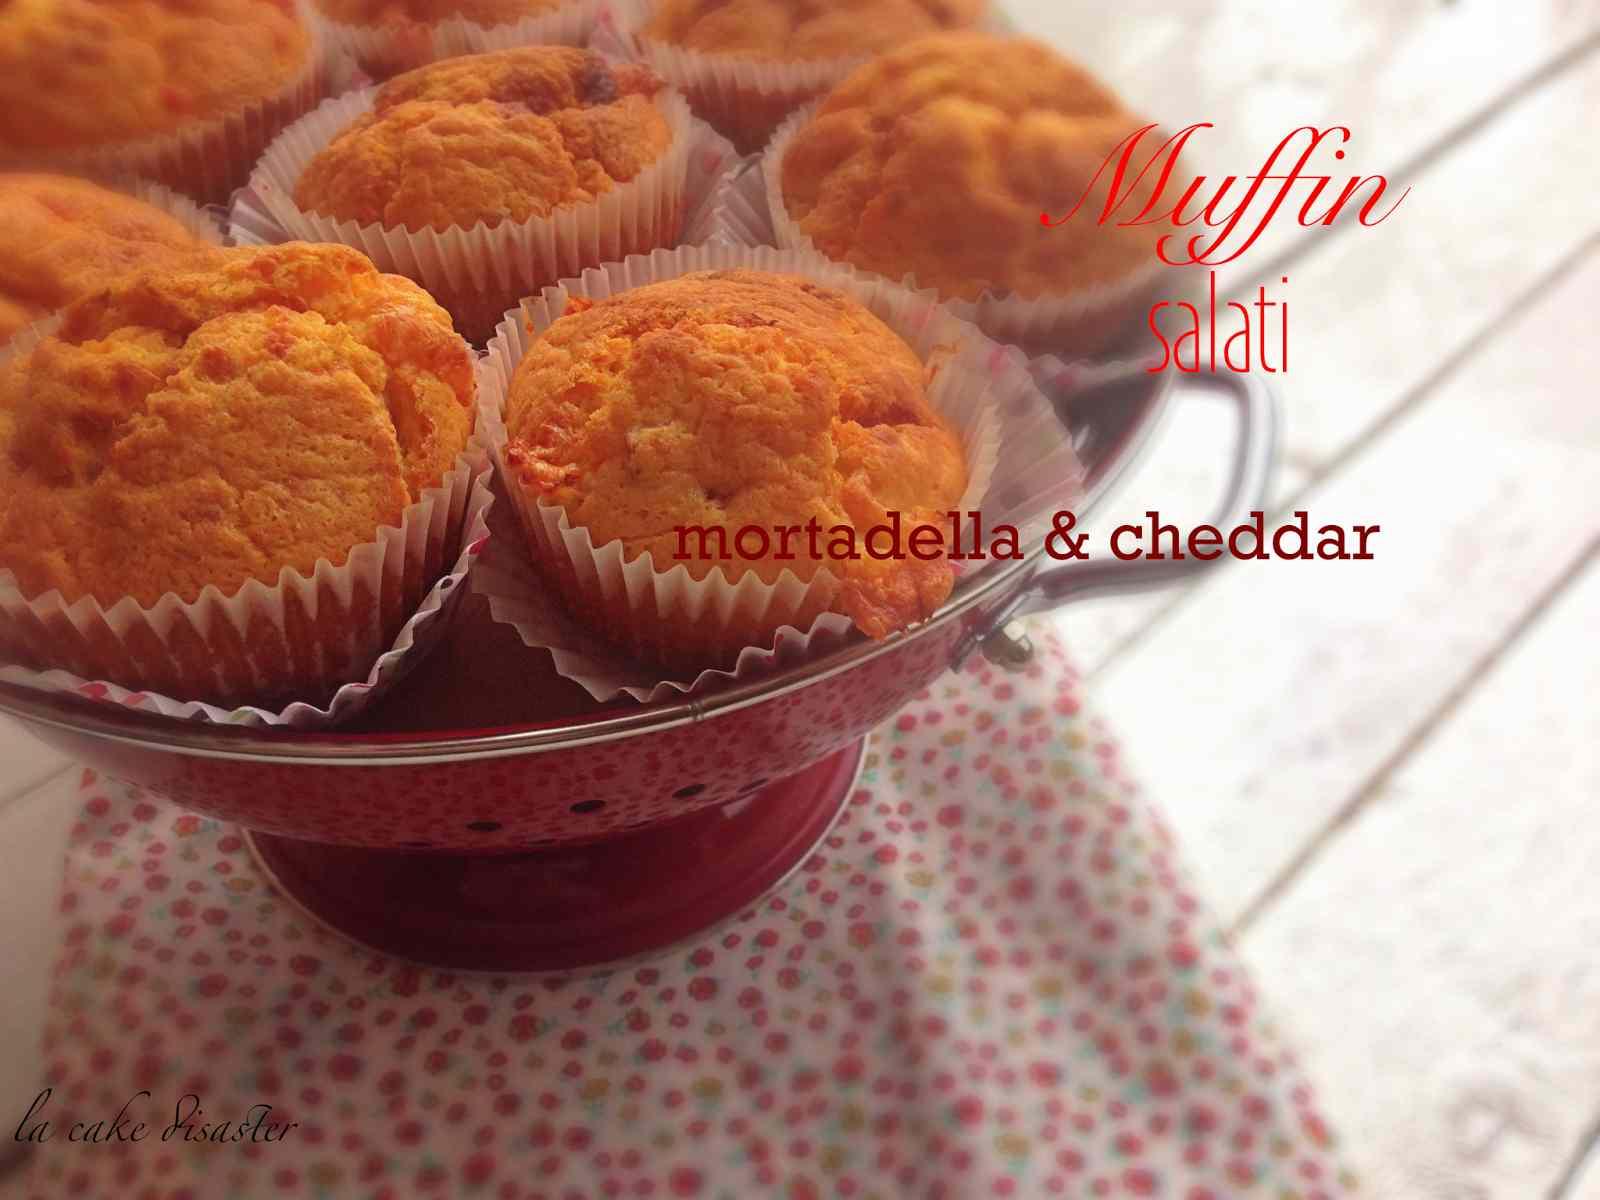 Ricetta: Muffin salati mortadella e cheddar al profumo di curcuma